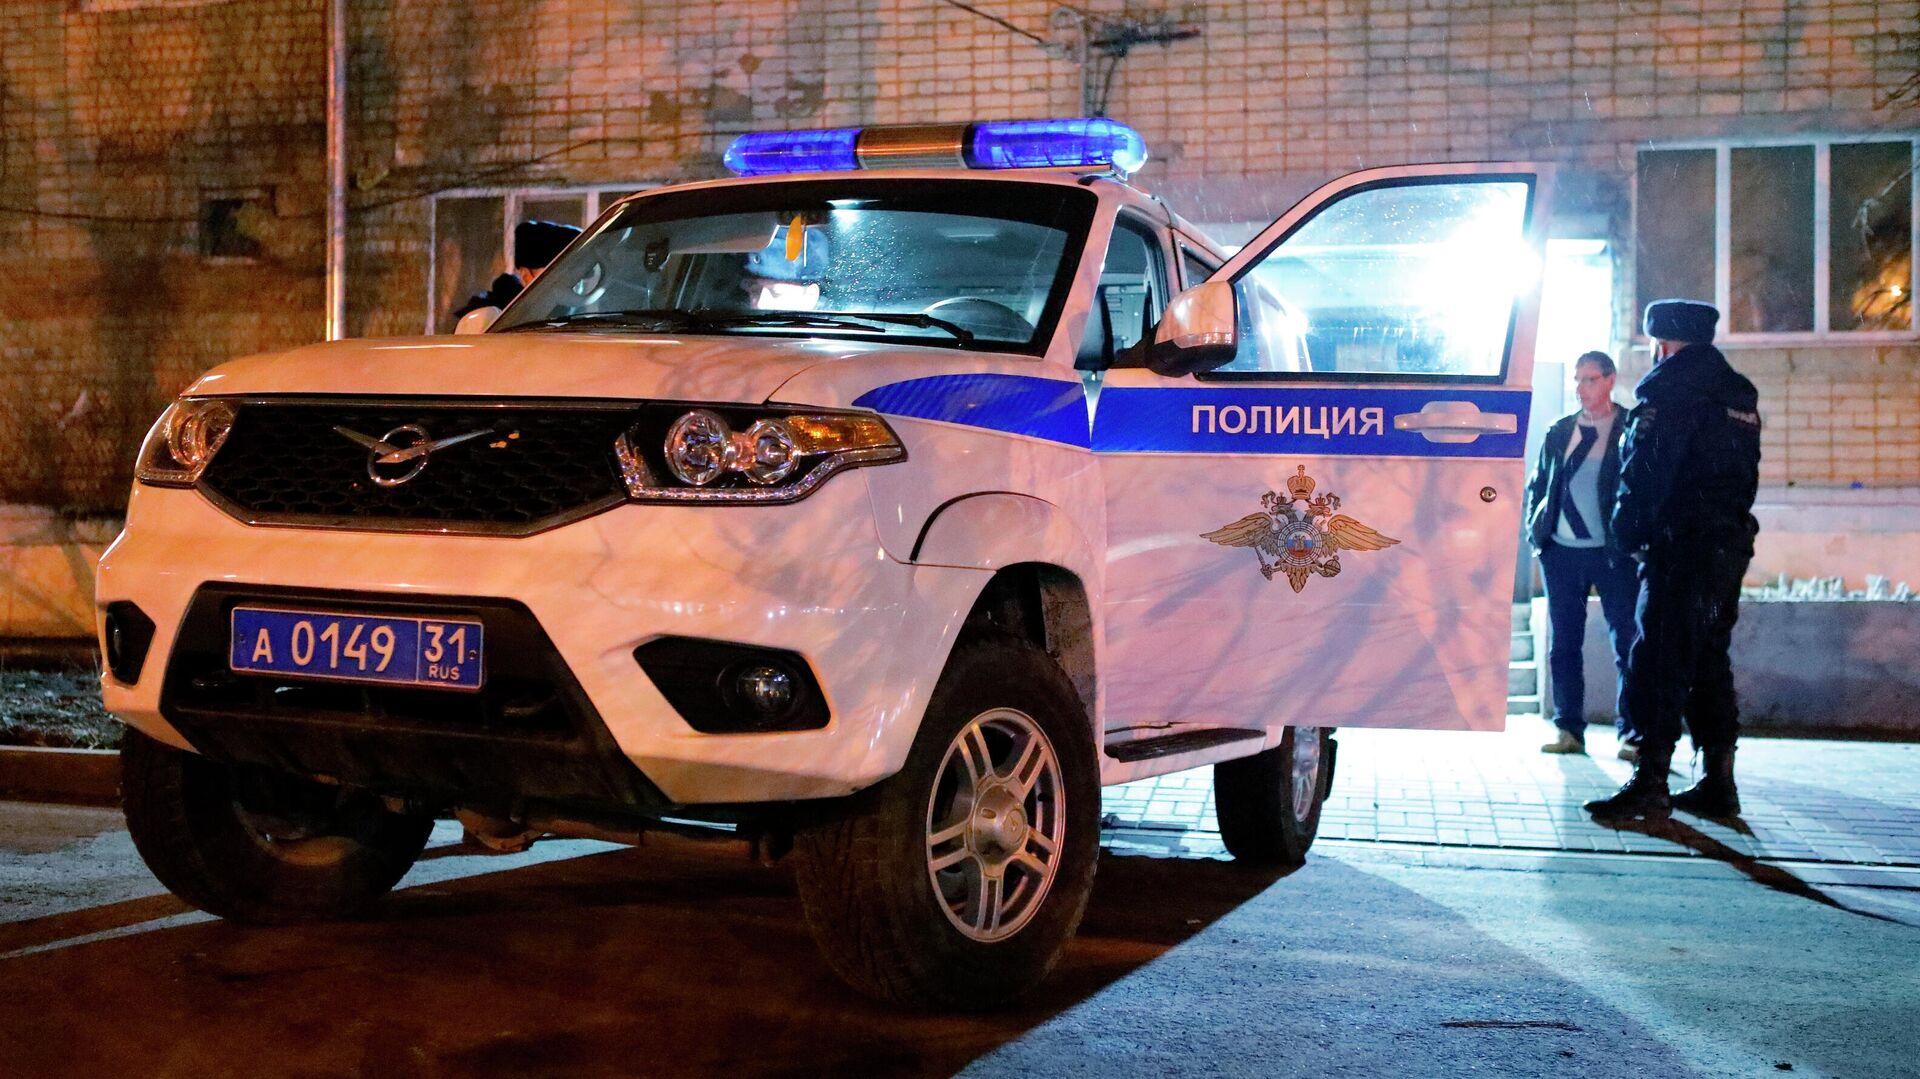 Ночное дежурство наряда полиции в Белгороде - РИА Новости, 1920, 23.09.2021